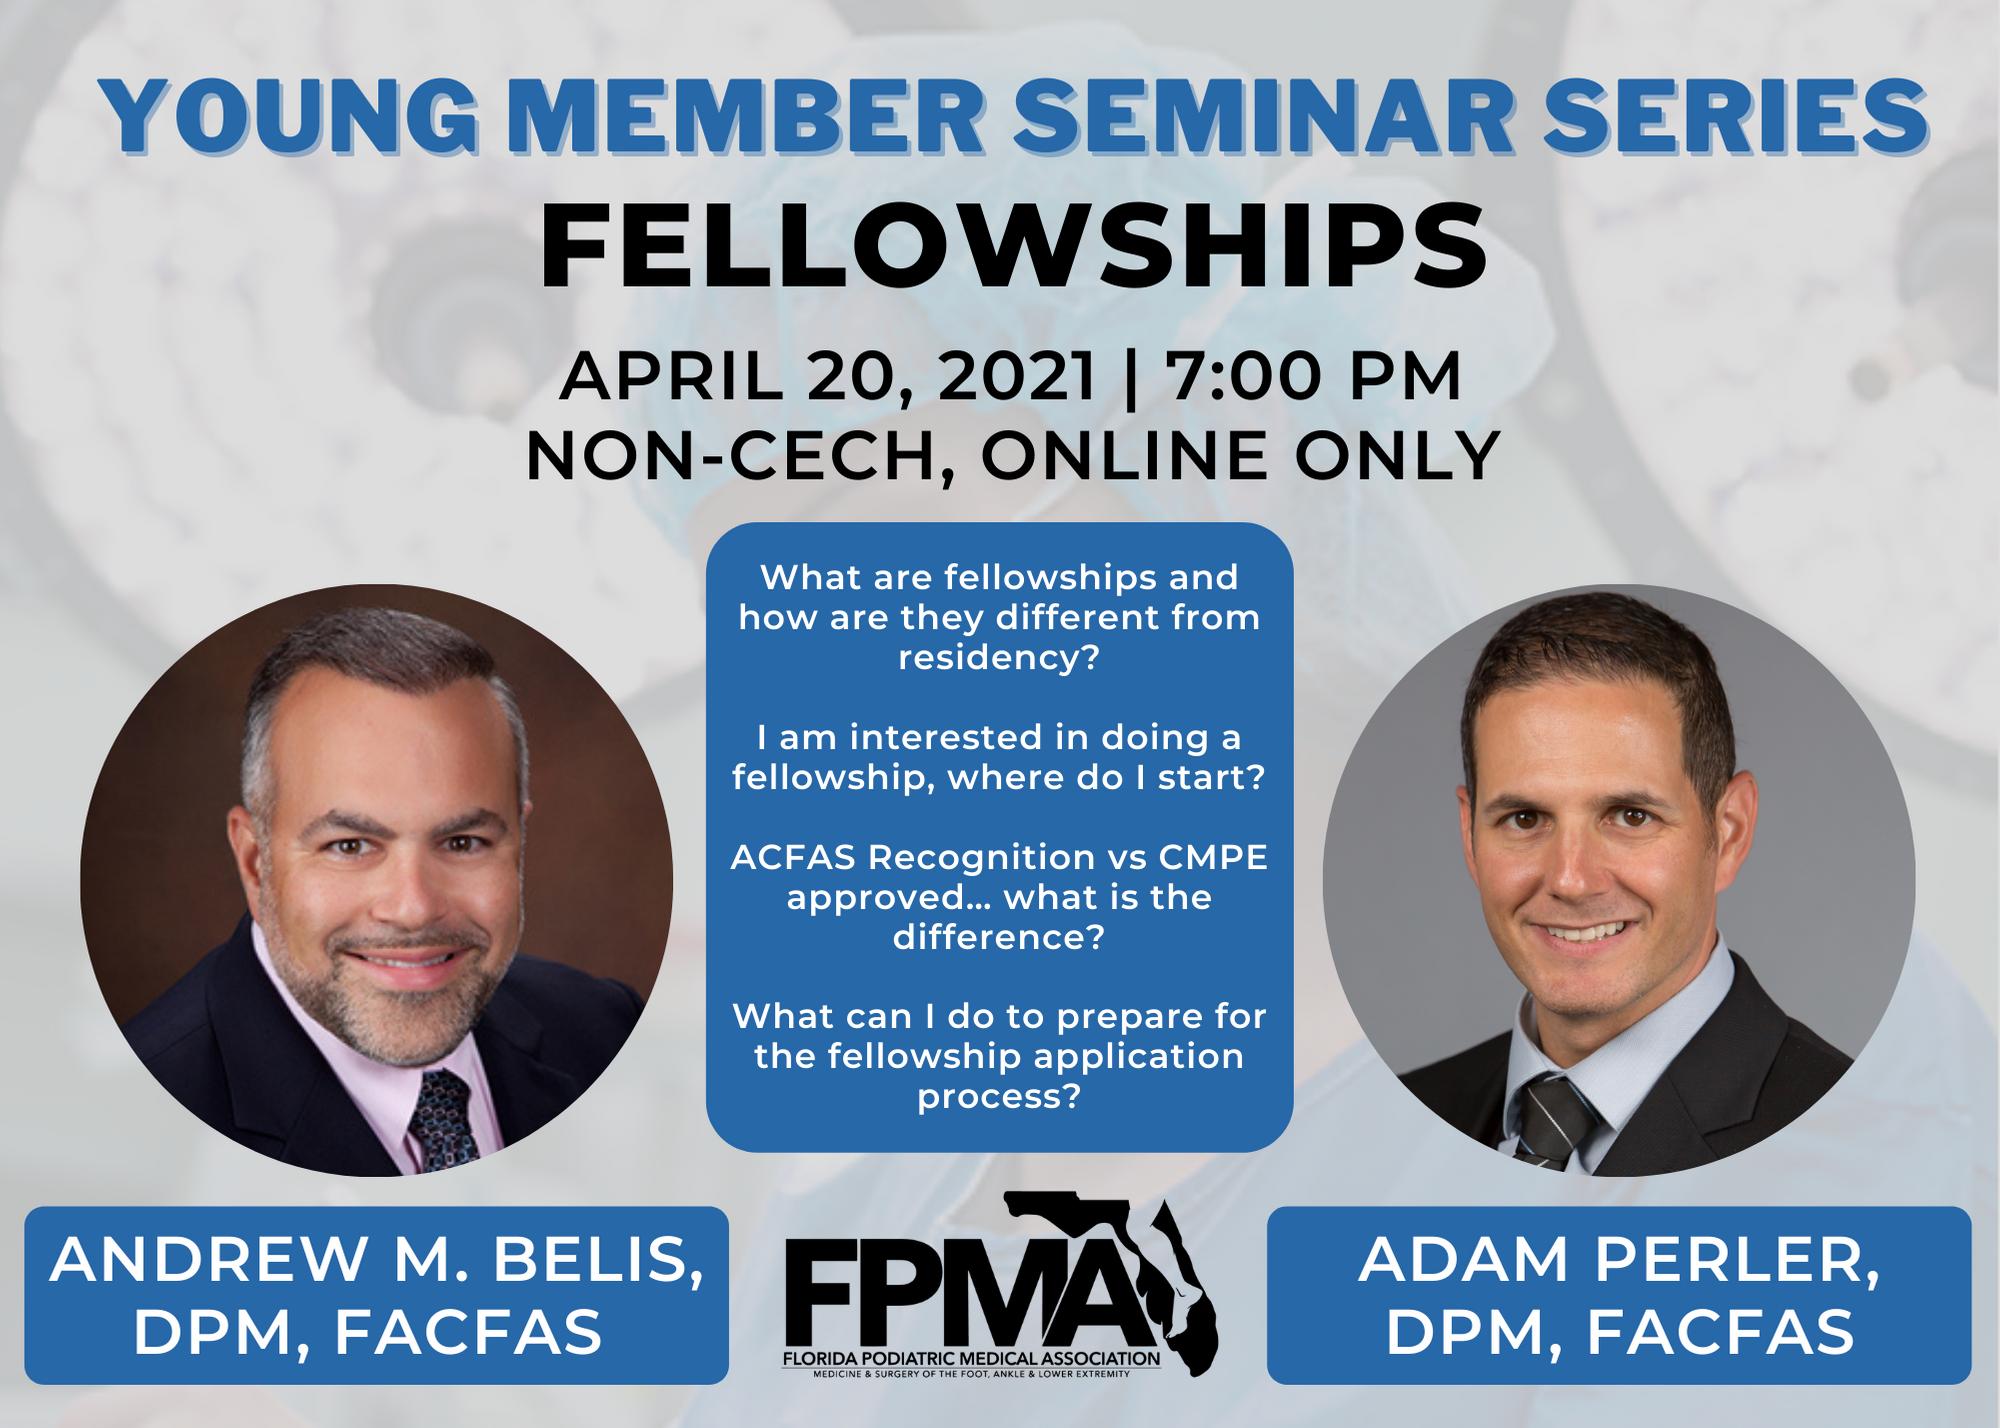 Young Member Seminar Series graphic